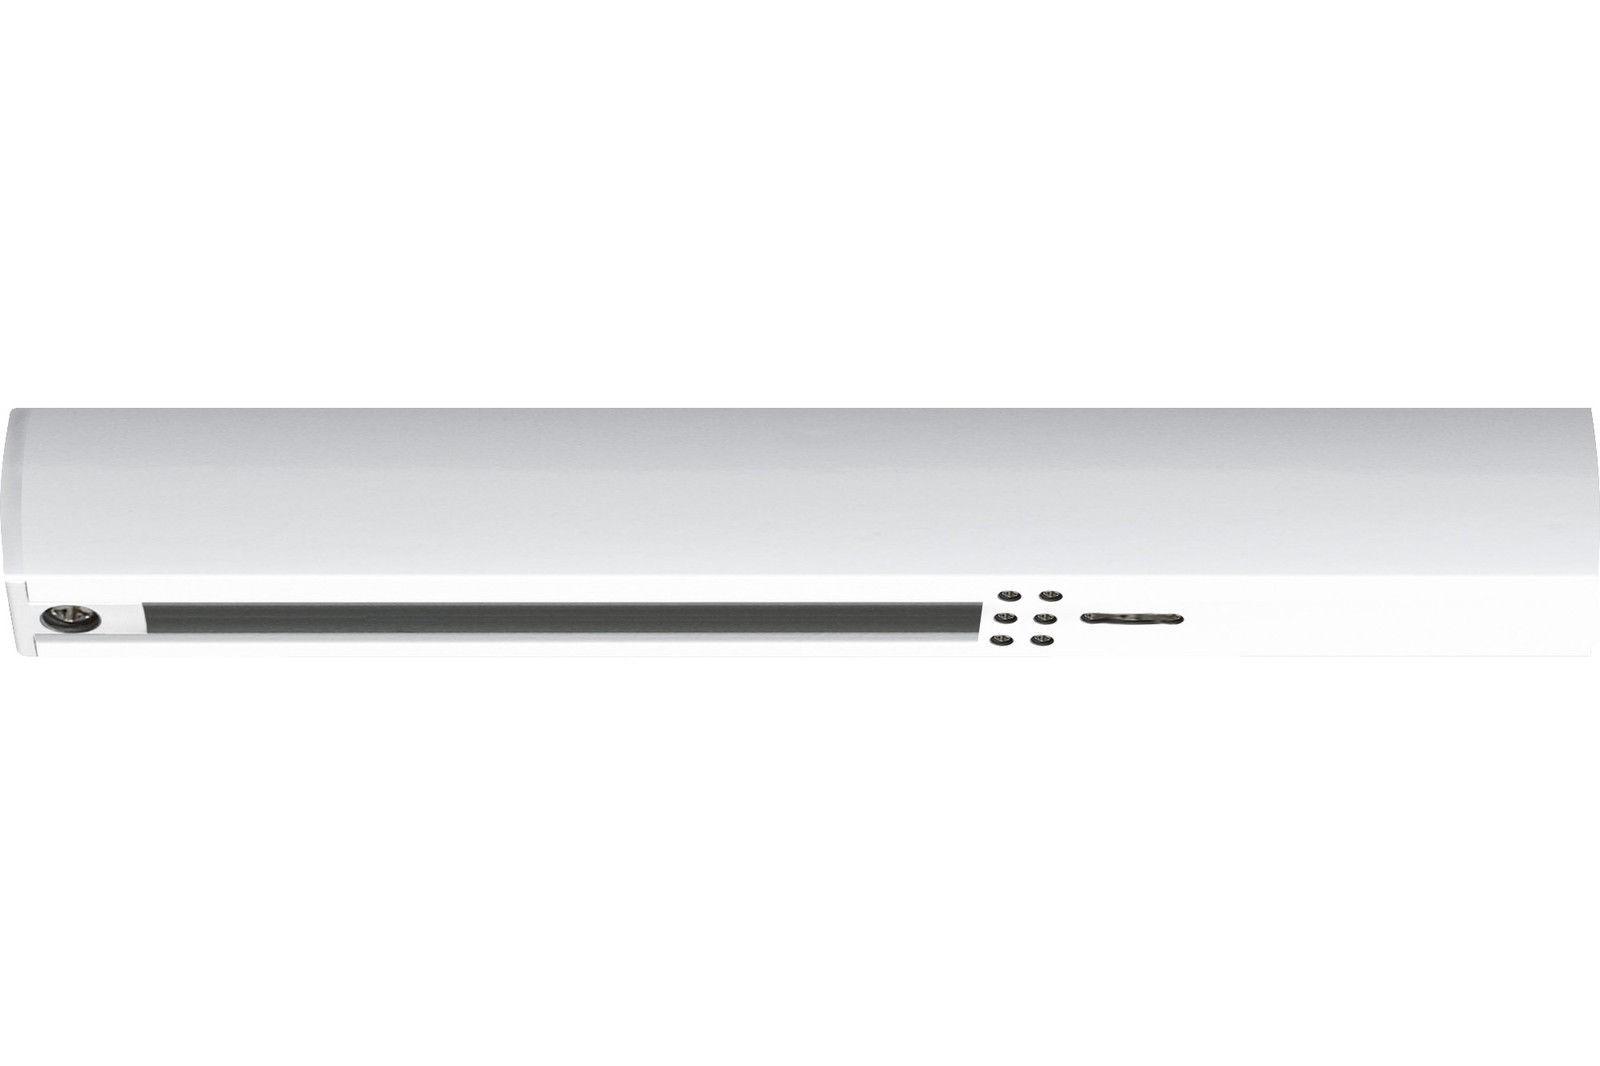 paulmann urail schienesystem stangensystem 230v weiss gu10 g9 schienensysteme u rail spots zubeh r. Black Bedroom Furniture Sets. Home Design Ideas